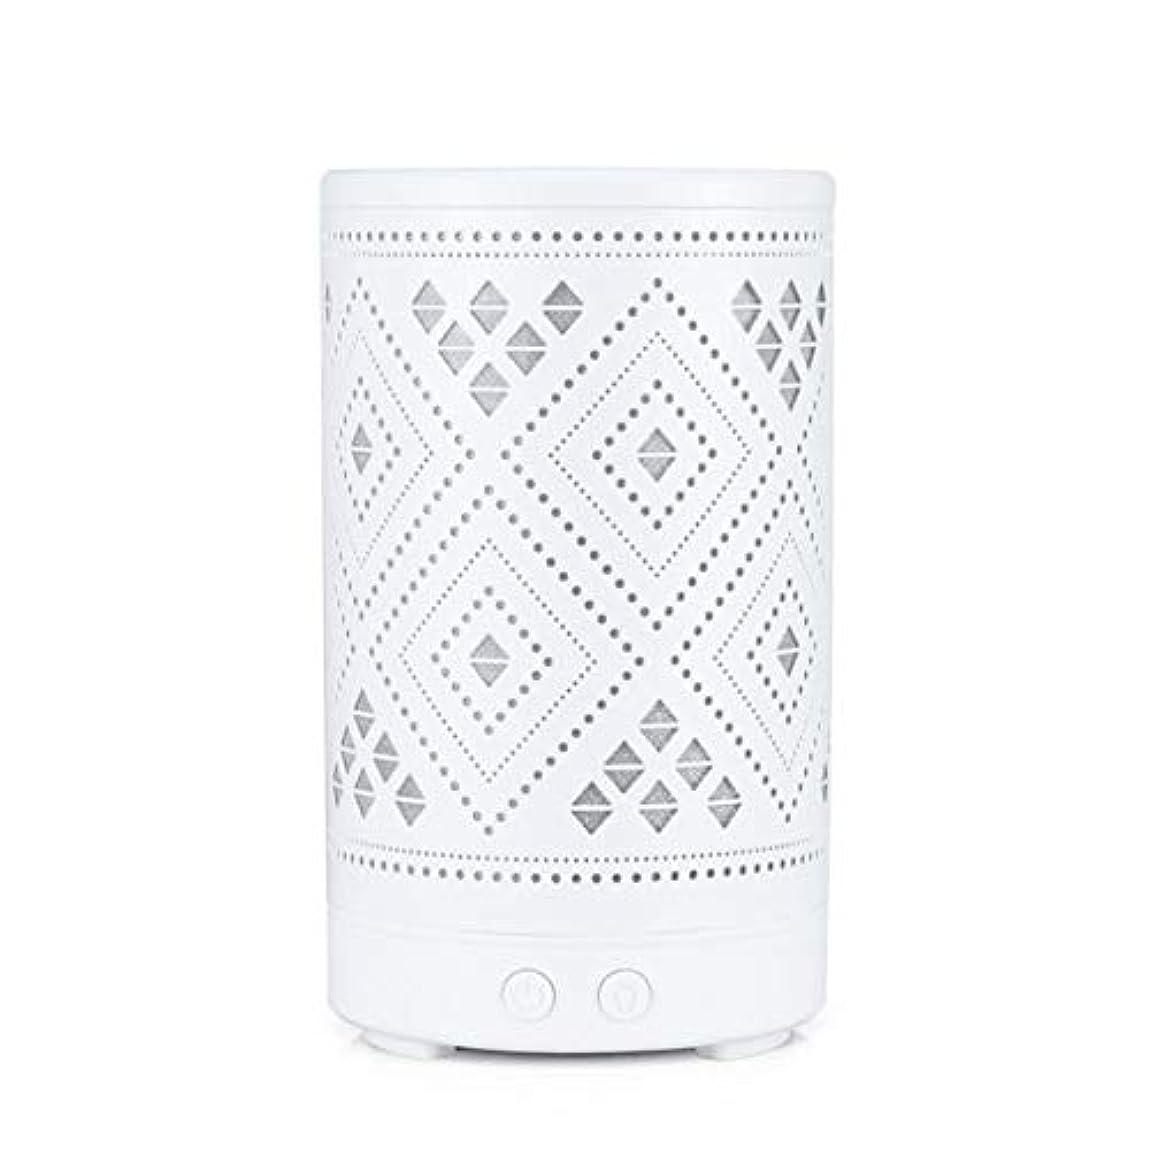 溝ステージ起きているクラシック ミニ 中空 加湿器,涼しい霧 7 色 デスクトップ 加湿機 精油 ディフューザー アロマネブライザー Yoga ベッド 寮- 100ml